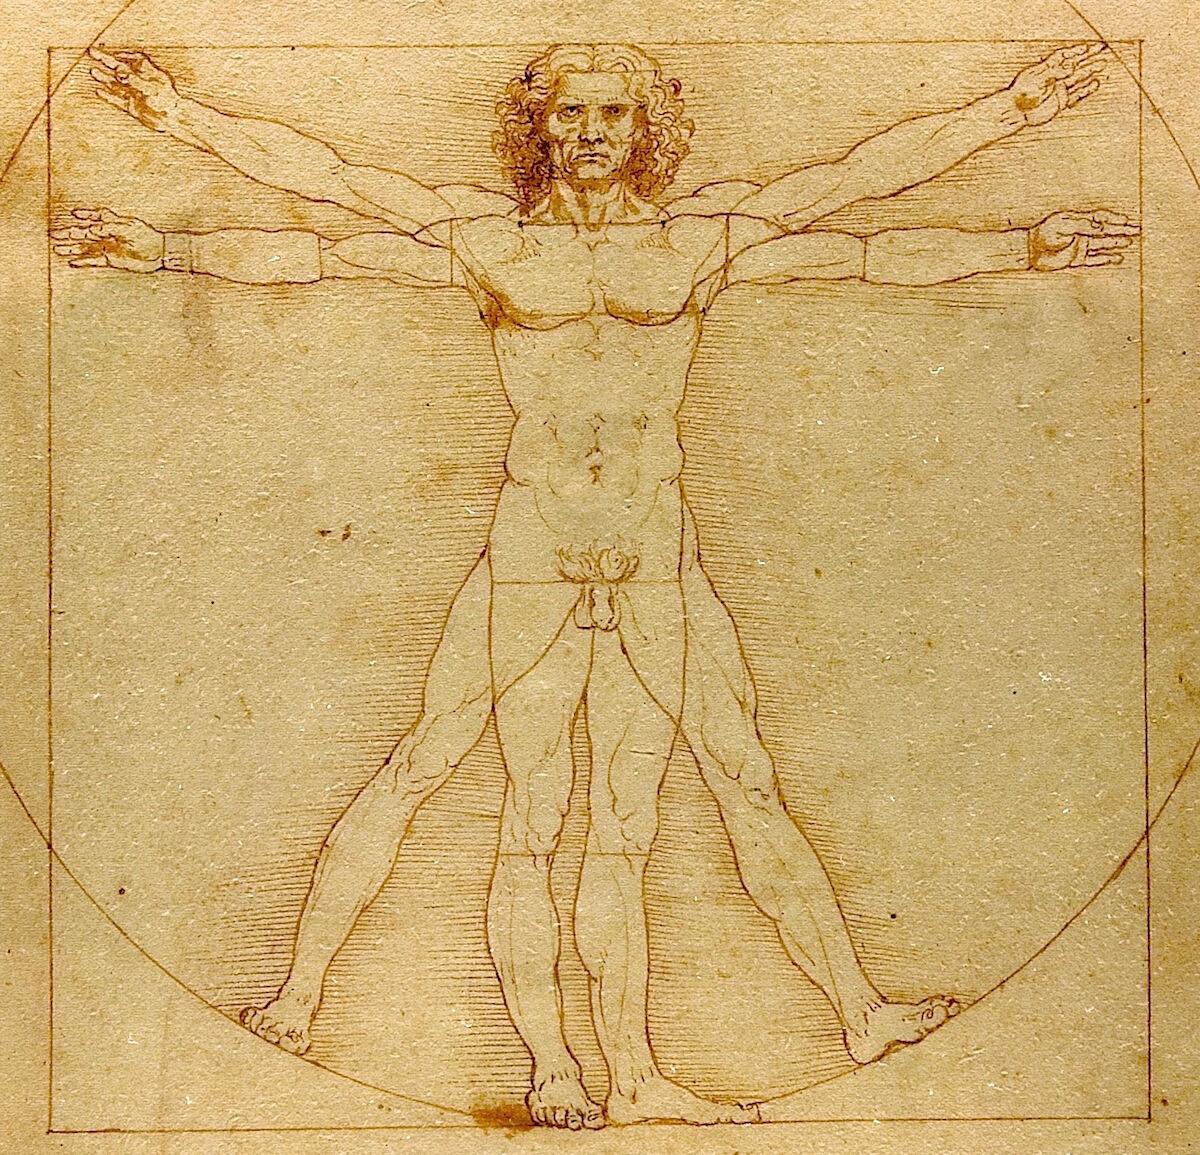 Leonardo da Vinci, Vitruvian Man, ca. 1490. Gallerie dell'Accademia, Venice. Image by Beat Ruest, via Wikimedia Commons.